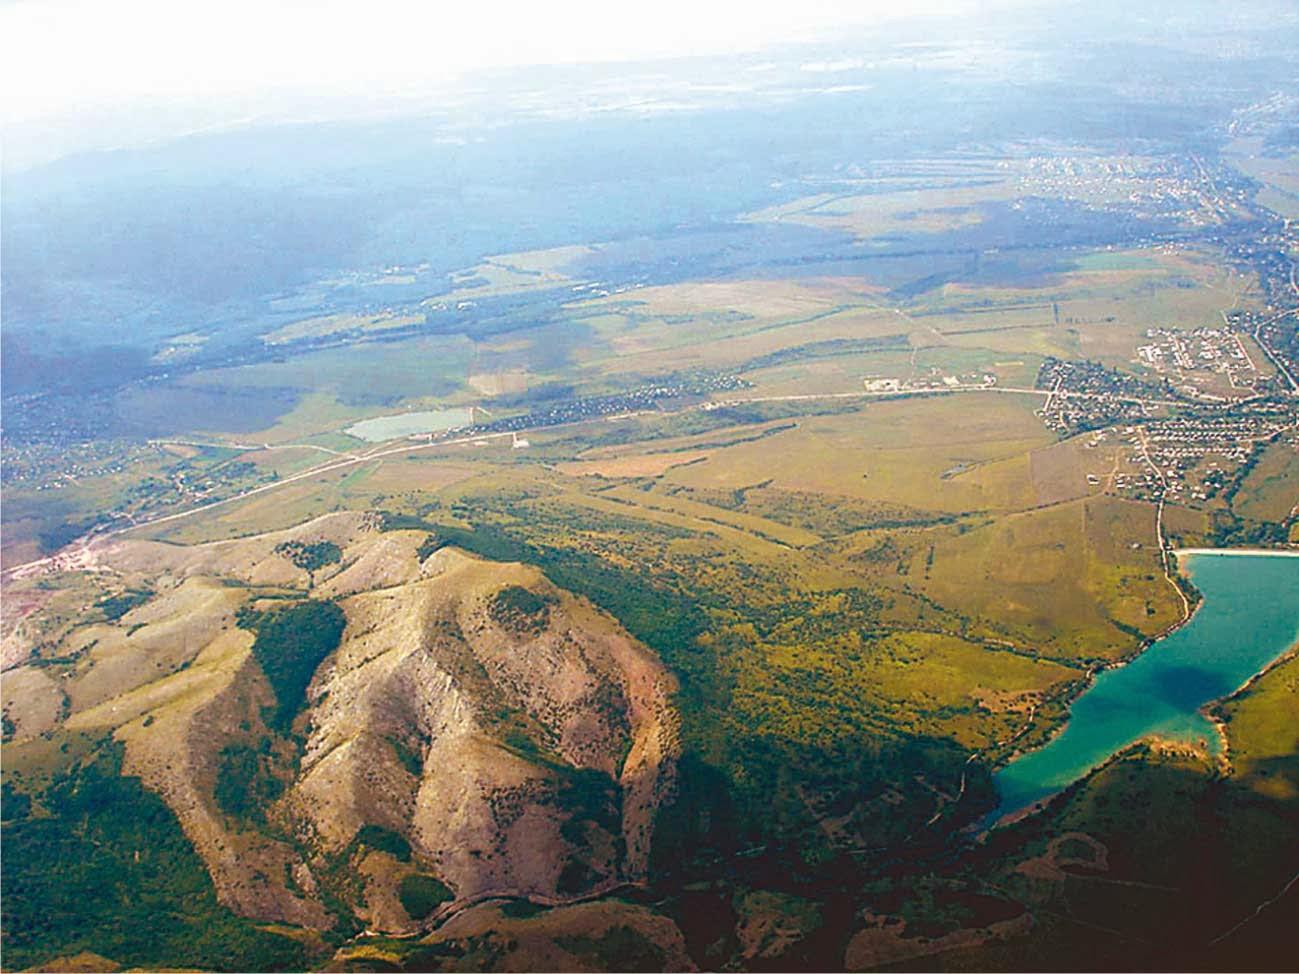 صورة منظر جوي بانورامي من شبه جزيرة القرم